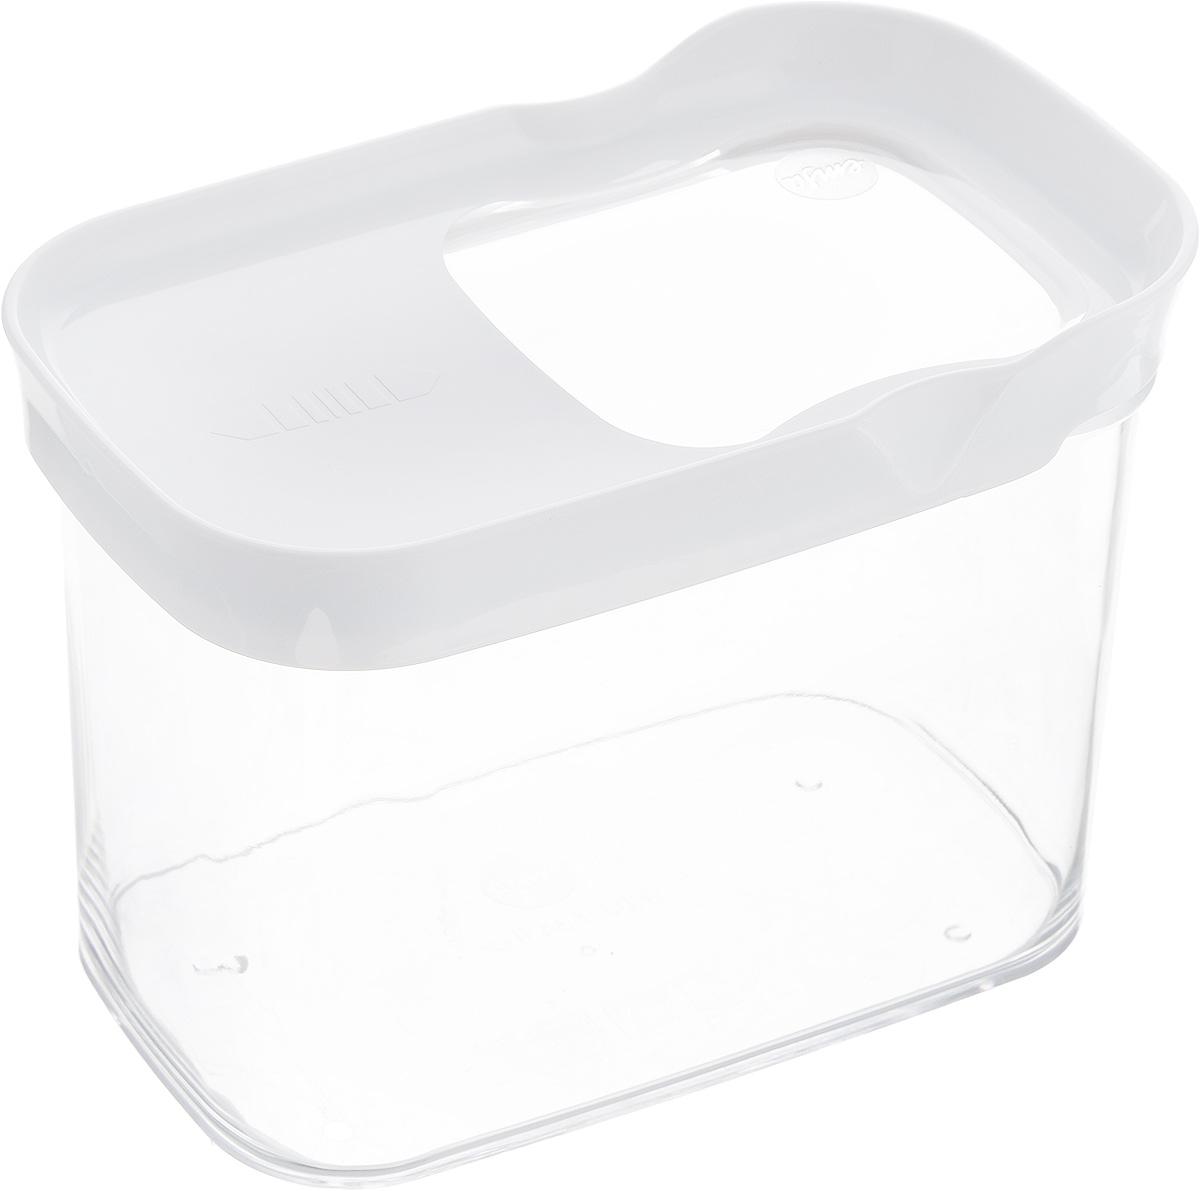 Контейнер для сыпучих продуктов Emsa Optima, 1 л. 514550FA-5126-2 WhiteКонтейнер Emsa Optima выполнен из прочного пищевого пластика без содержания BPA. Прозрачные стенки позволяют видеть количество содержимого. Изделие имеет плотно закрывающуюся крышку с прозрачным окошком, которая открывается движением в сторону. Изделие не накапливает запахов, легко моется, практично в использовании. Идеально подходит для хранения различных сыпучих продуктов: круп, чая, кофе, сахара, сухофруктов, орехов. Можно мыть в посудомоечной машине.